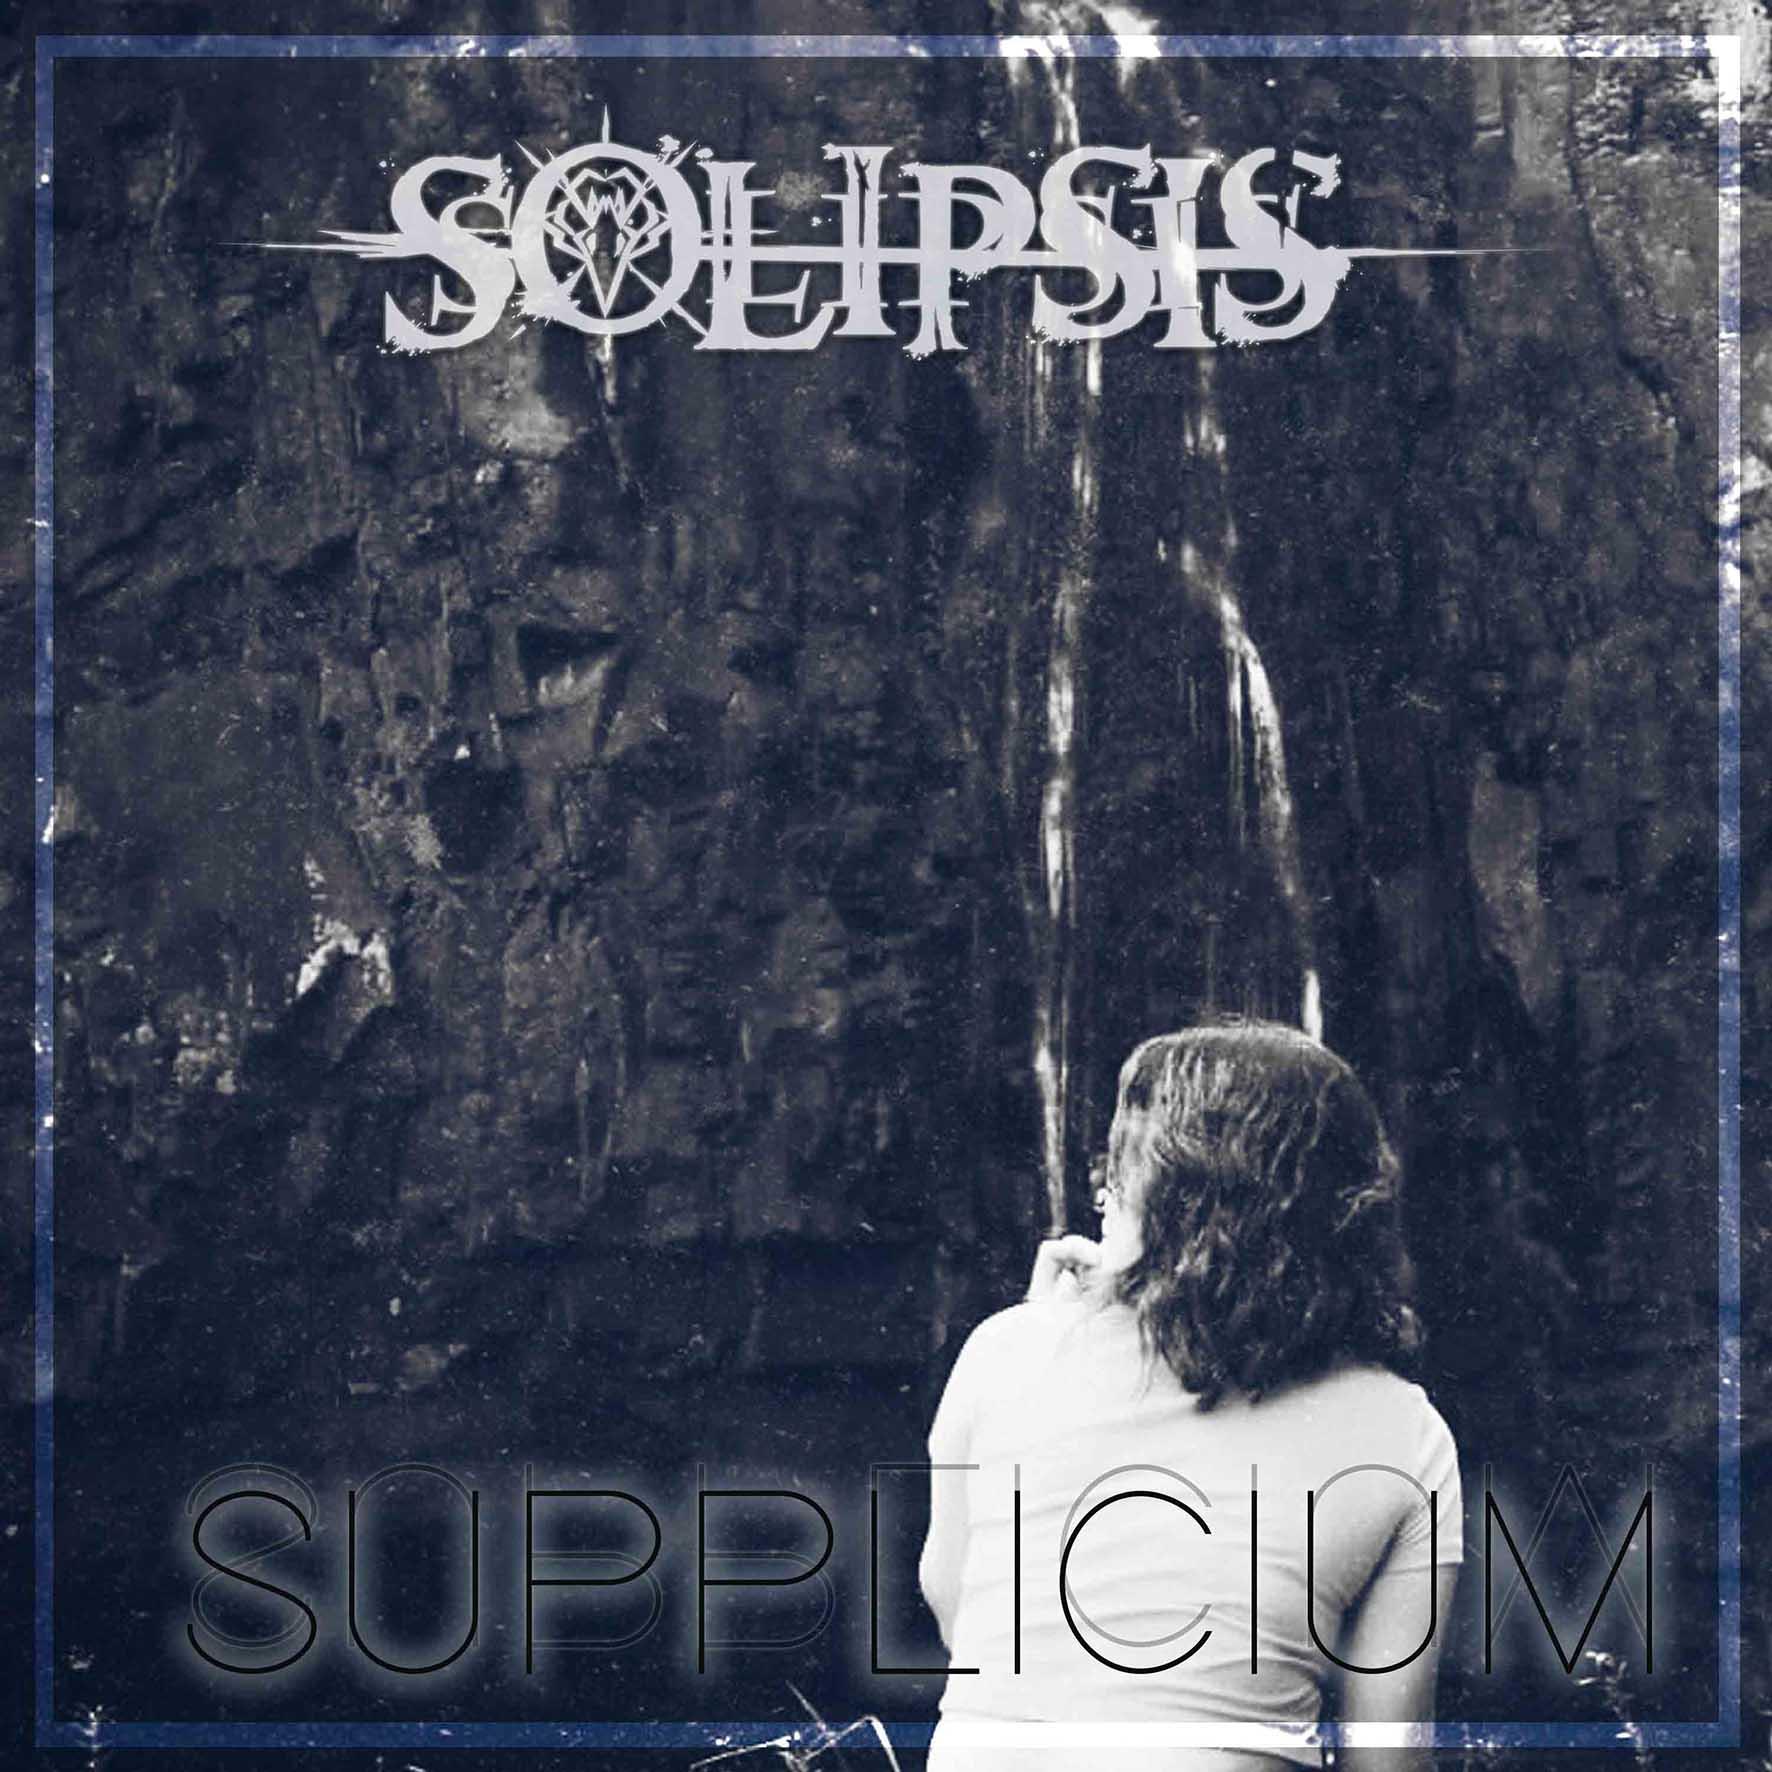 Solipsis - Supplicium